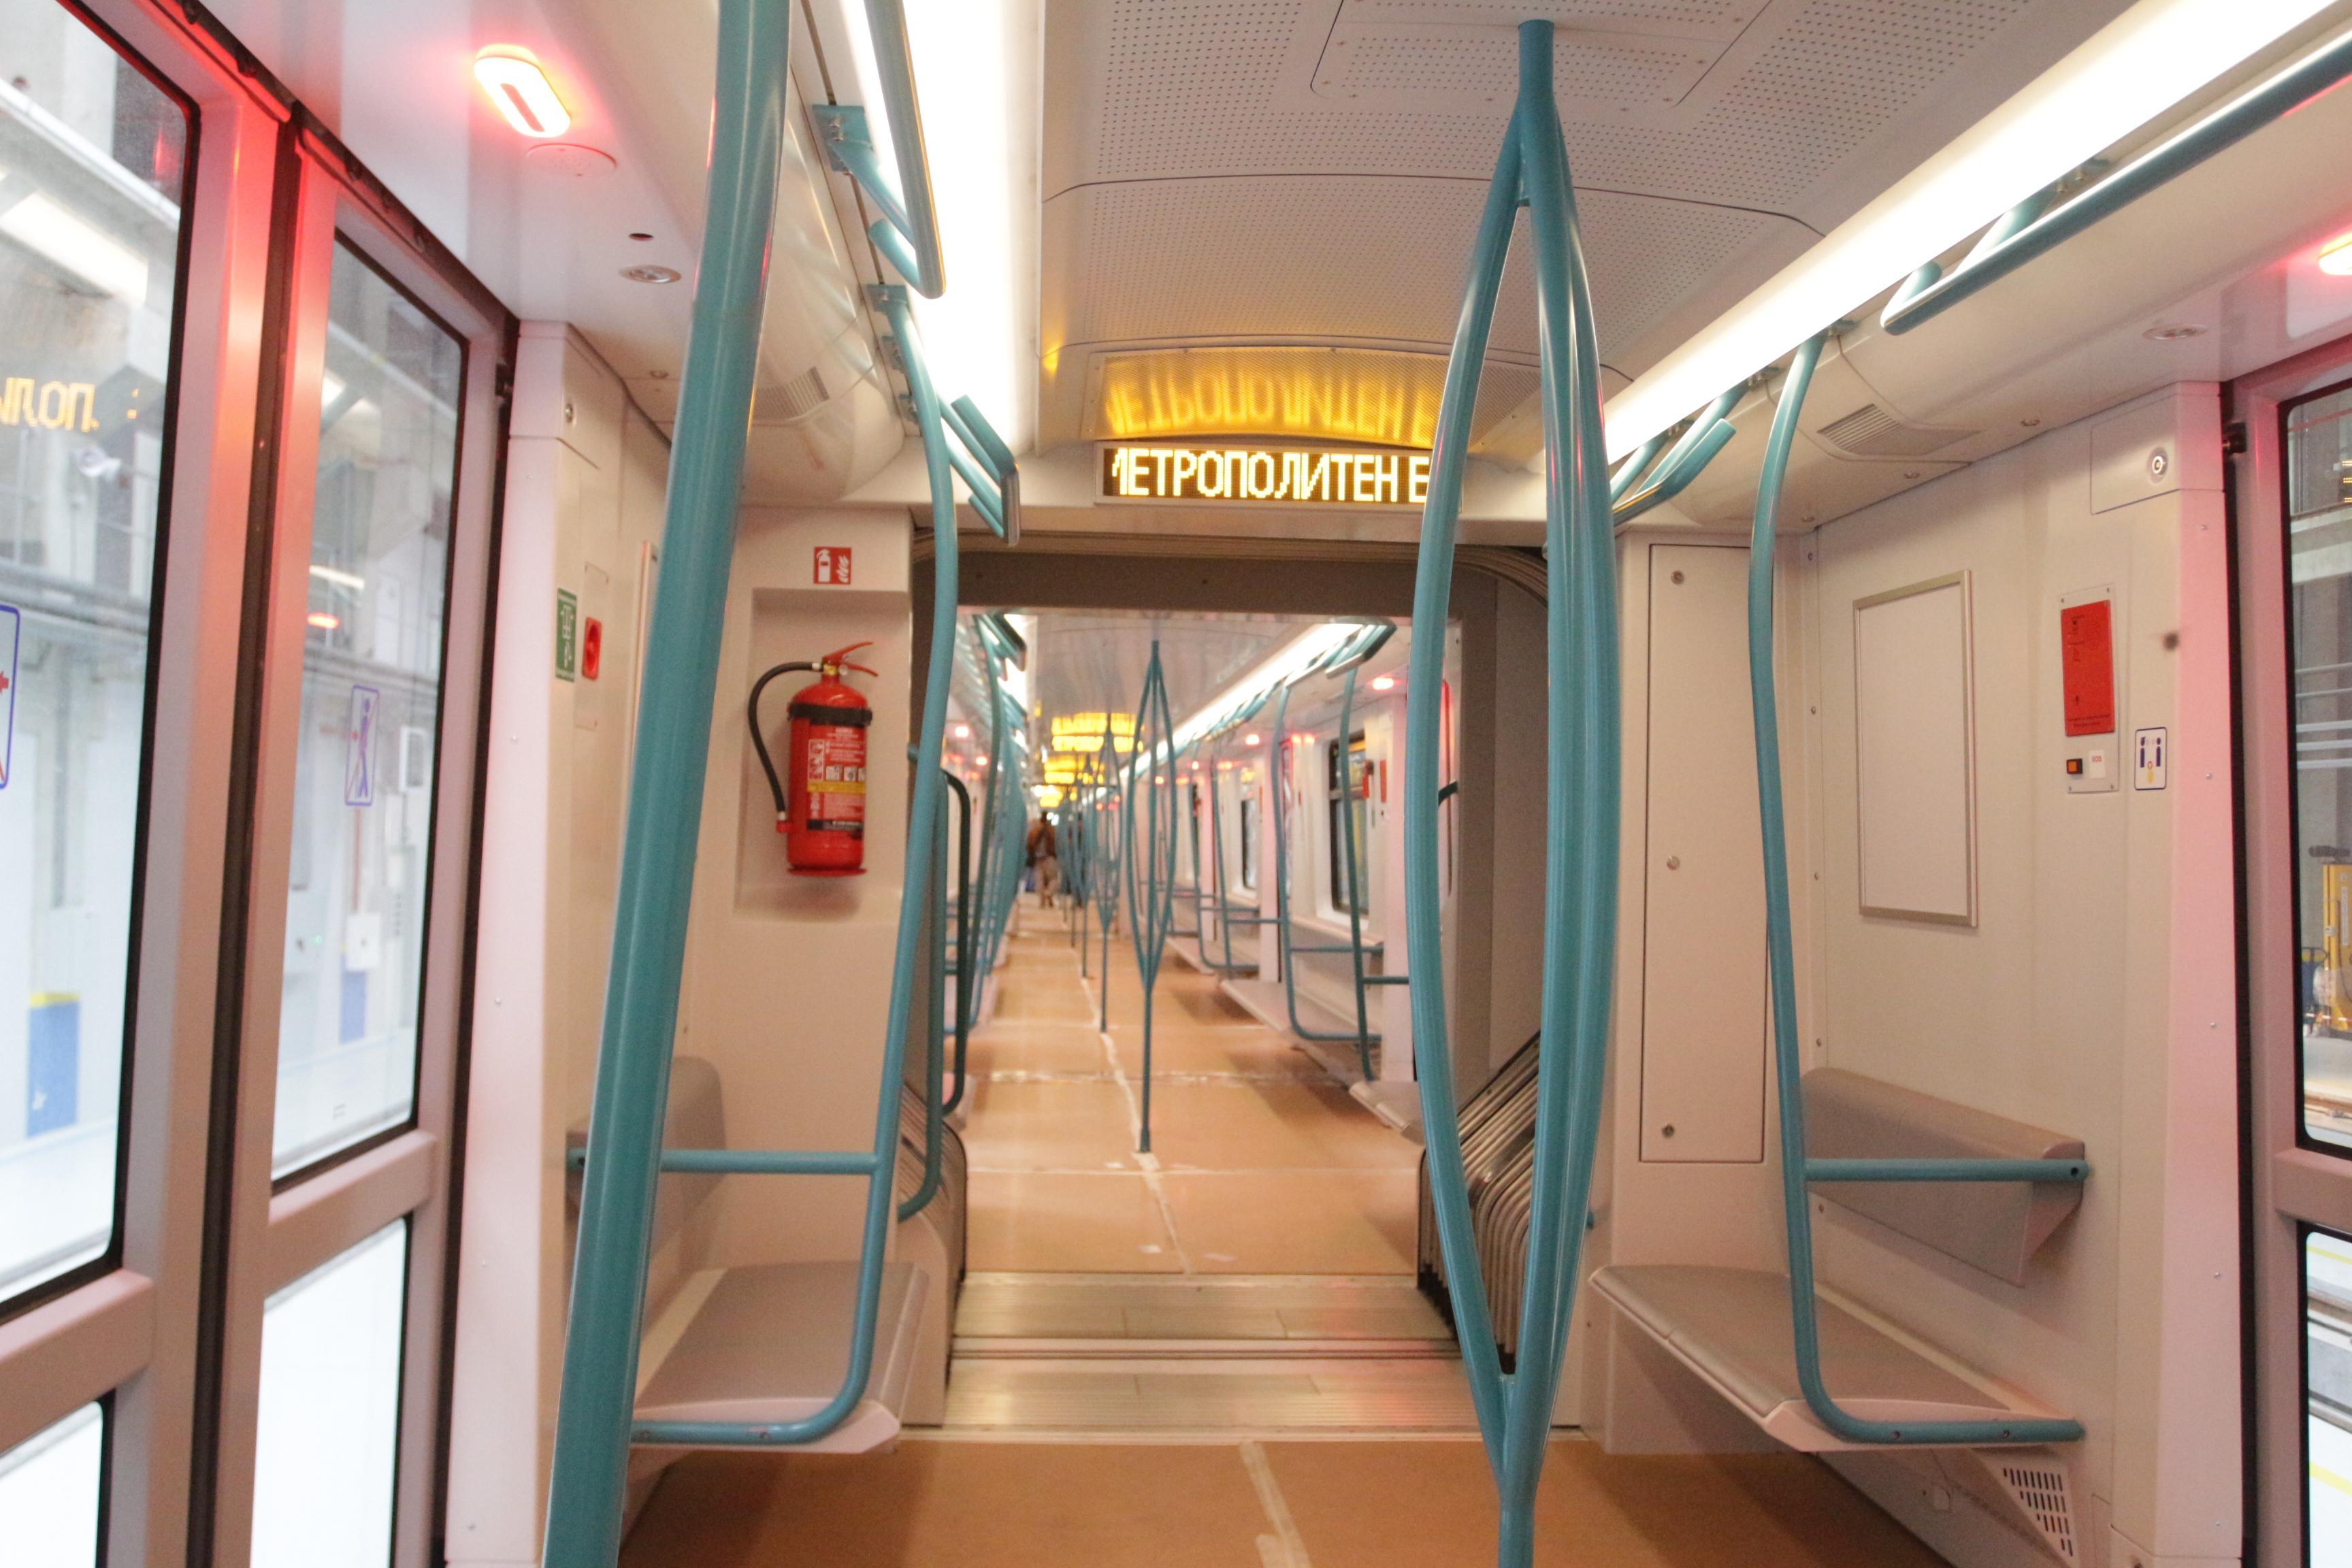 Новите влакове, които ще се движат по трасето на Третата метролиния